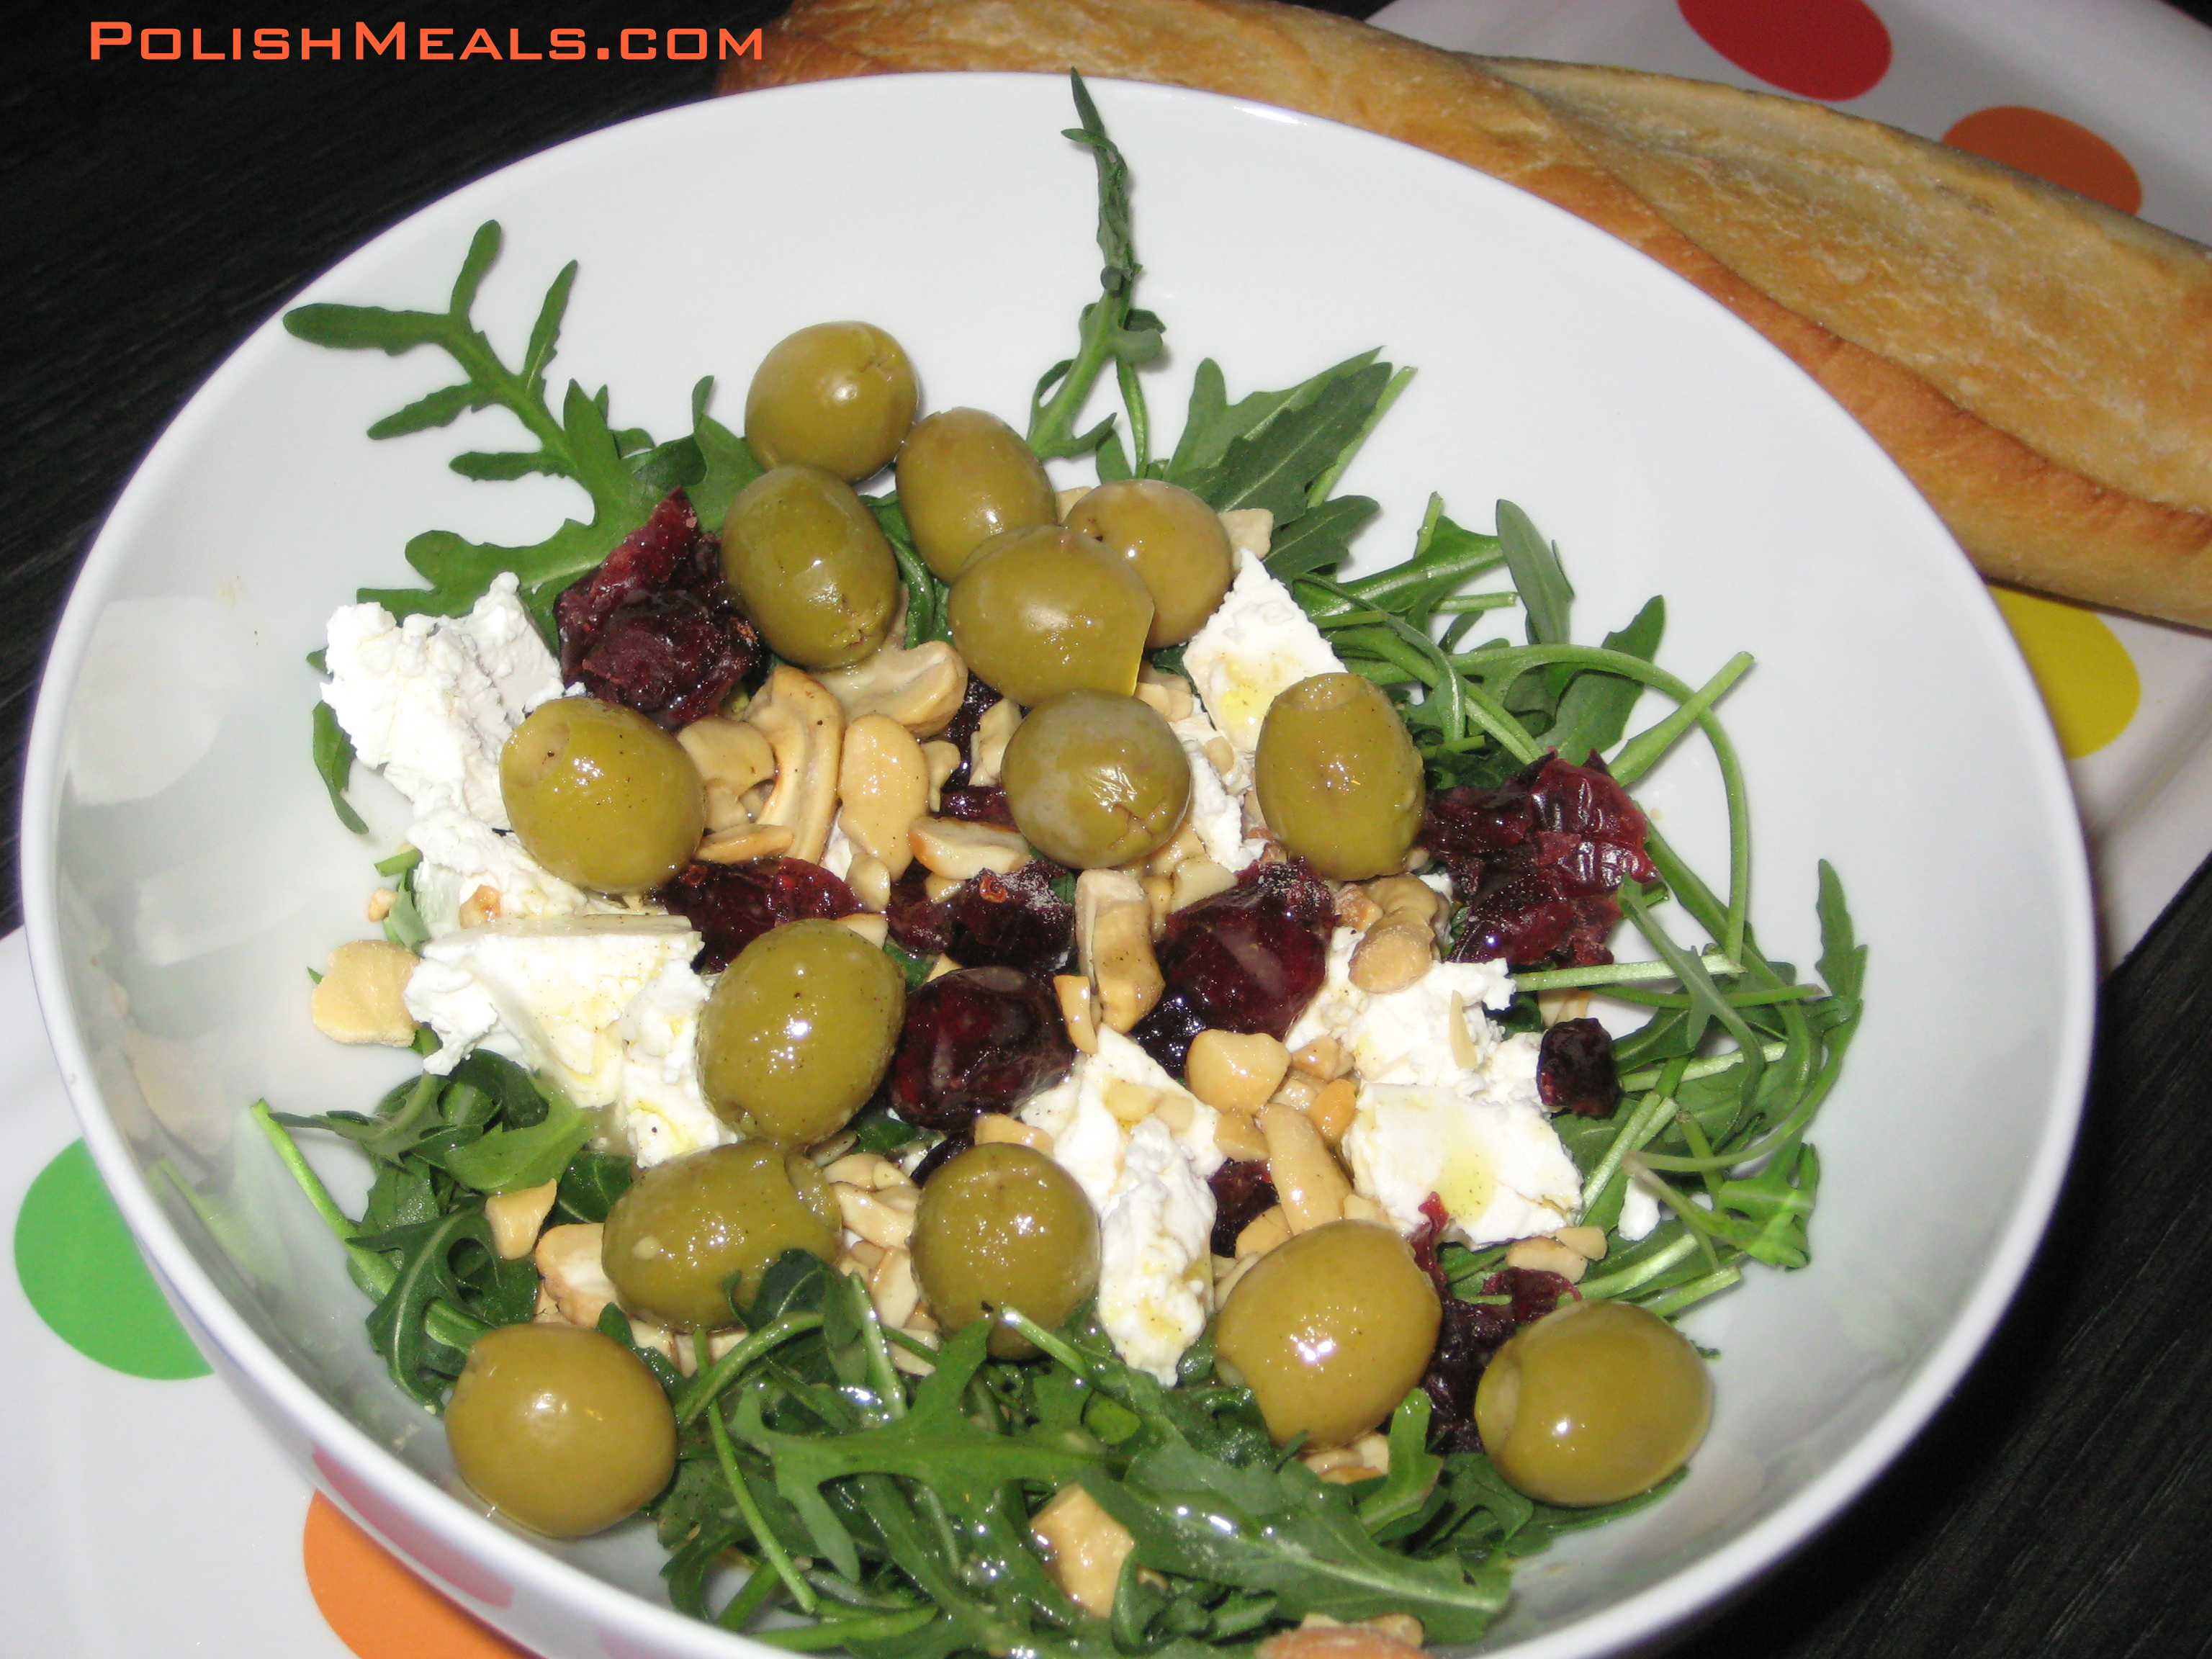 arugula with olives